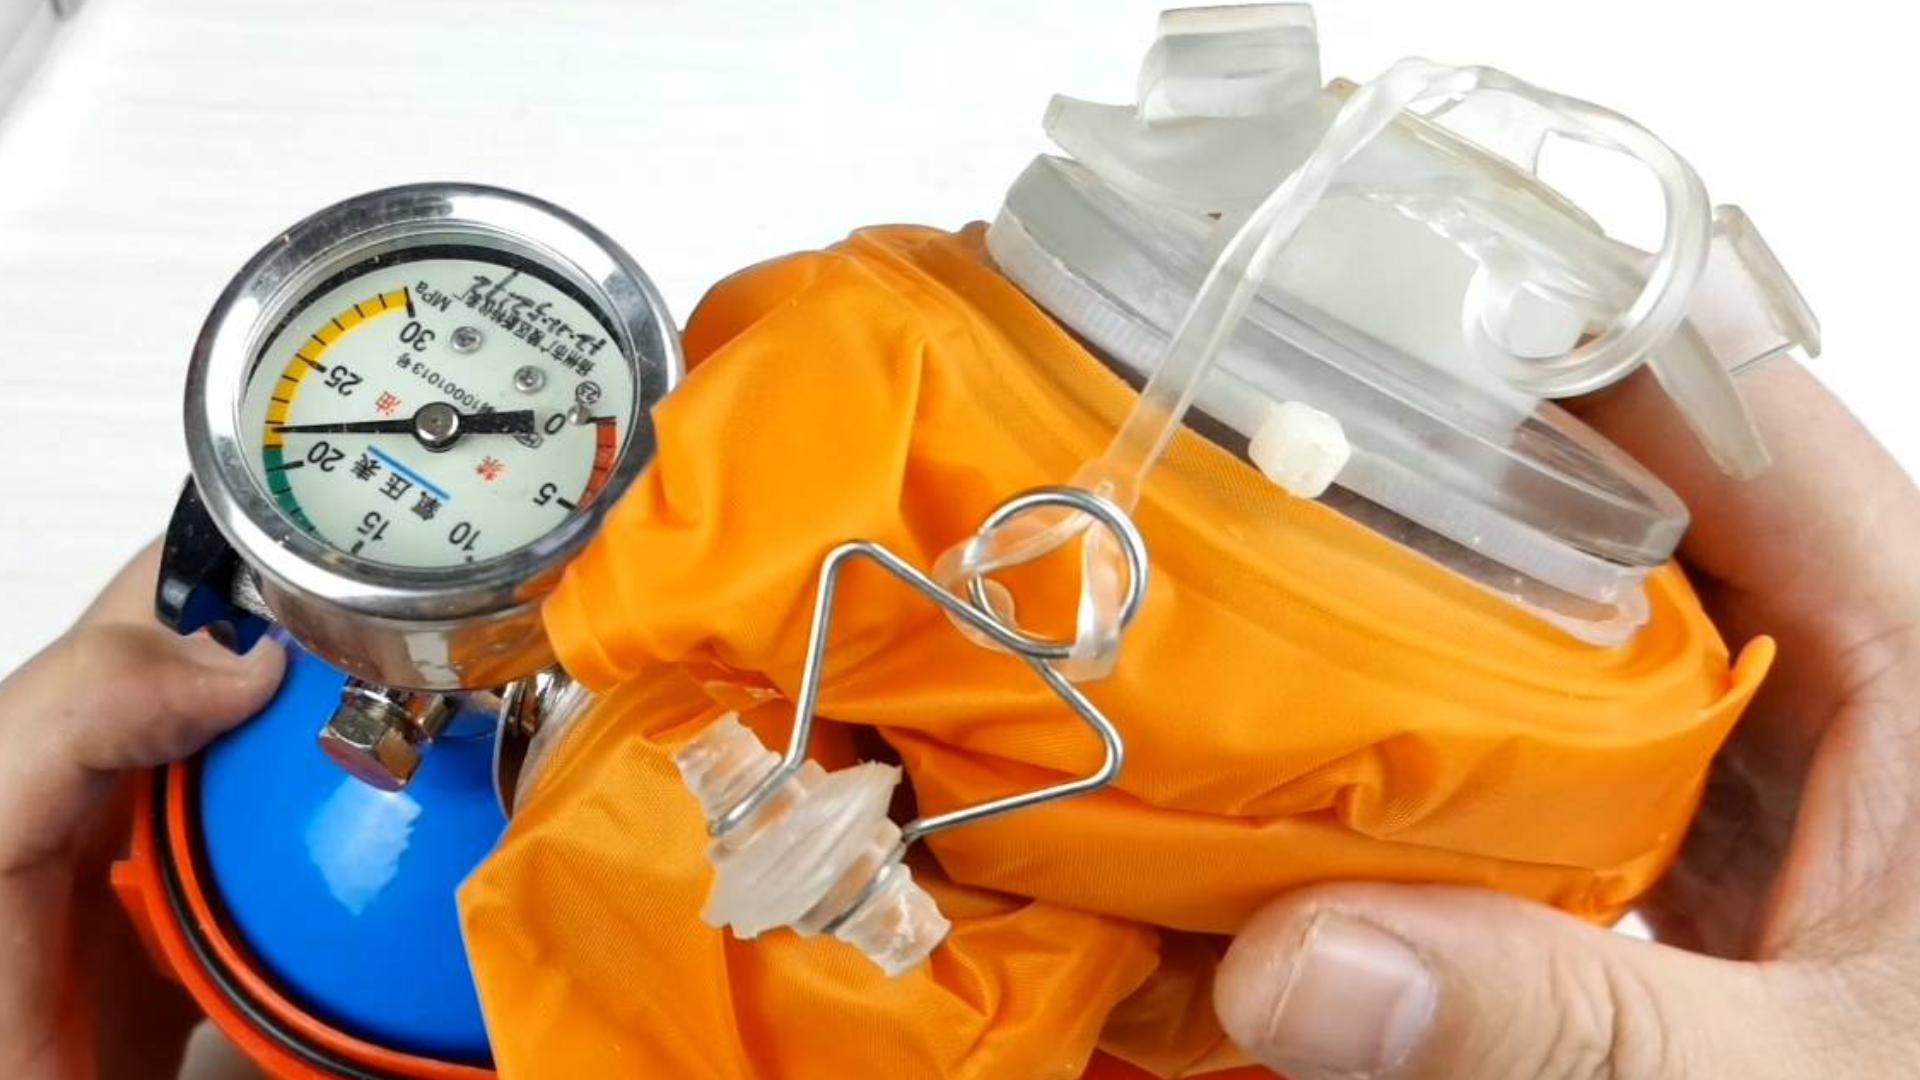 拆解压缩氧自救器,学会使用方法和原理,生化危机来临时不被变丧尸